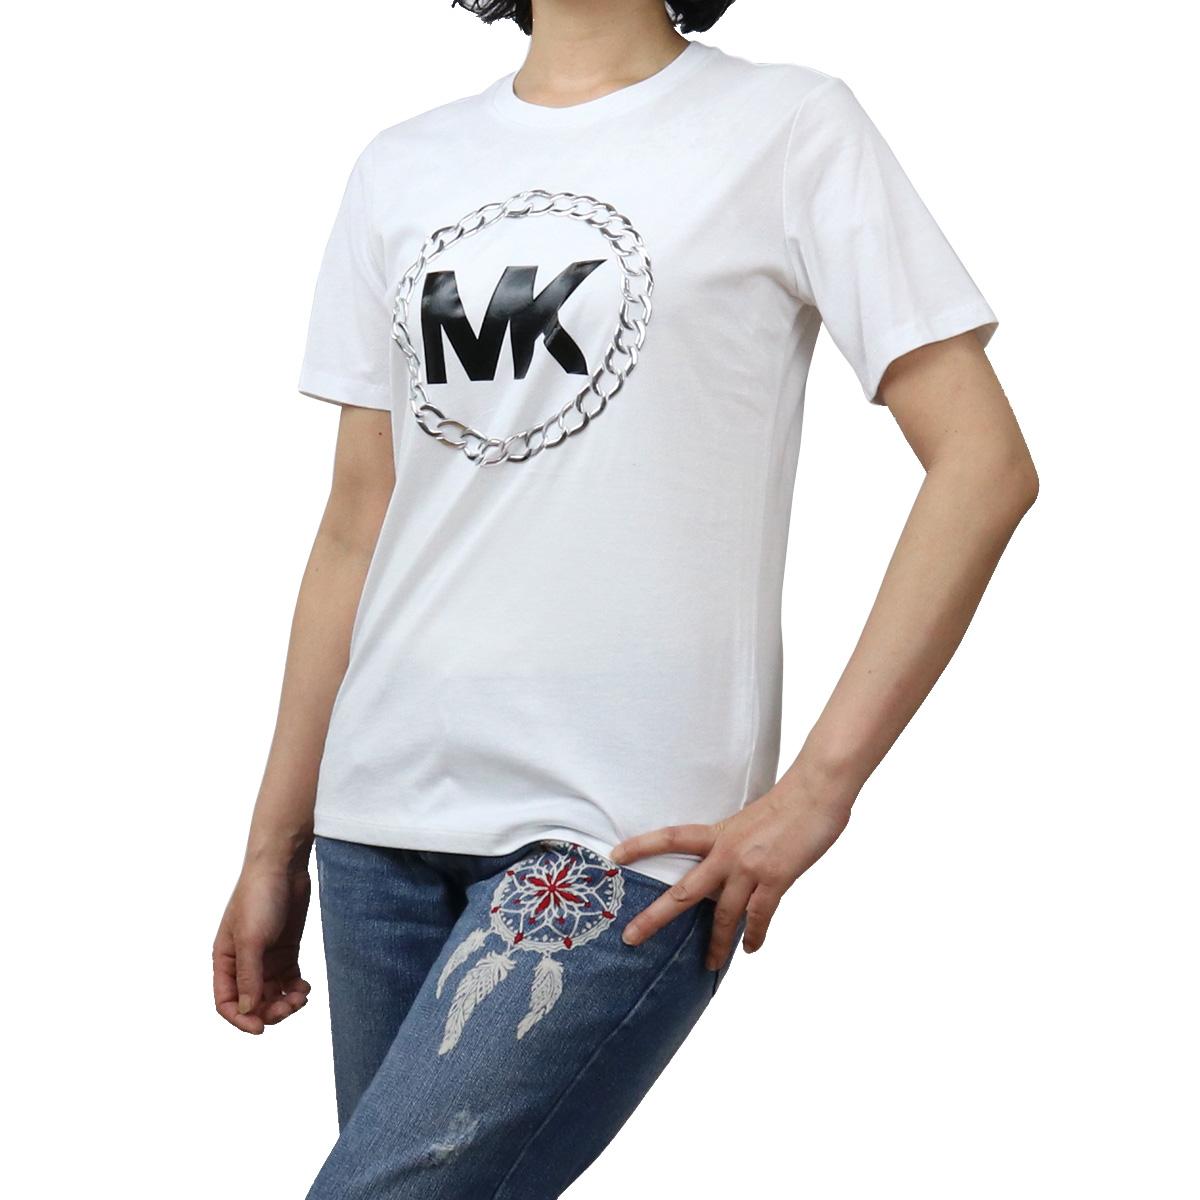 ※ 送料無料 ラッピング無料 マイケル コース MICHAEL KORS ts-01 永遠の定番モデル 割引 WHITE レディース-Tシャツ ホワイト系 apparel-01 MH05MVP97J